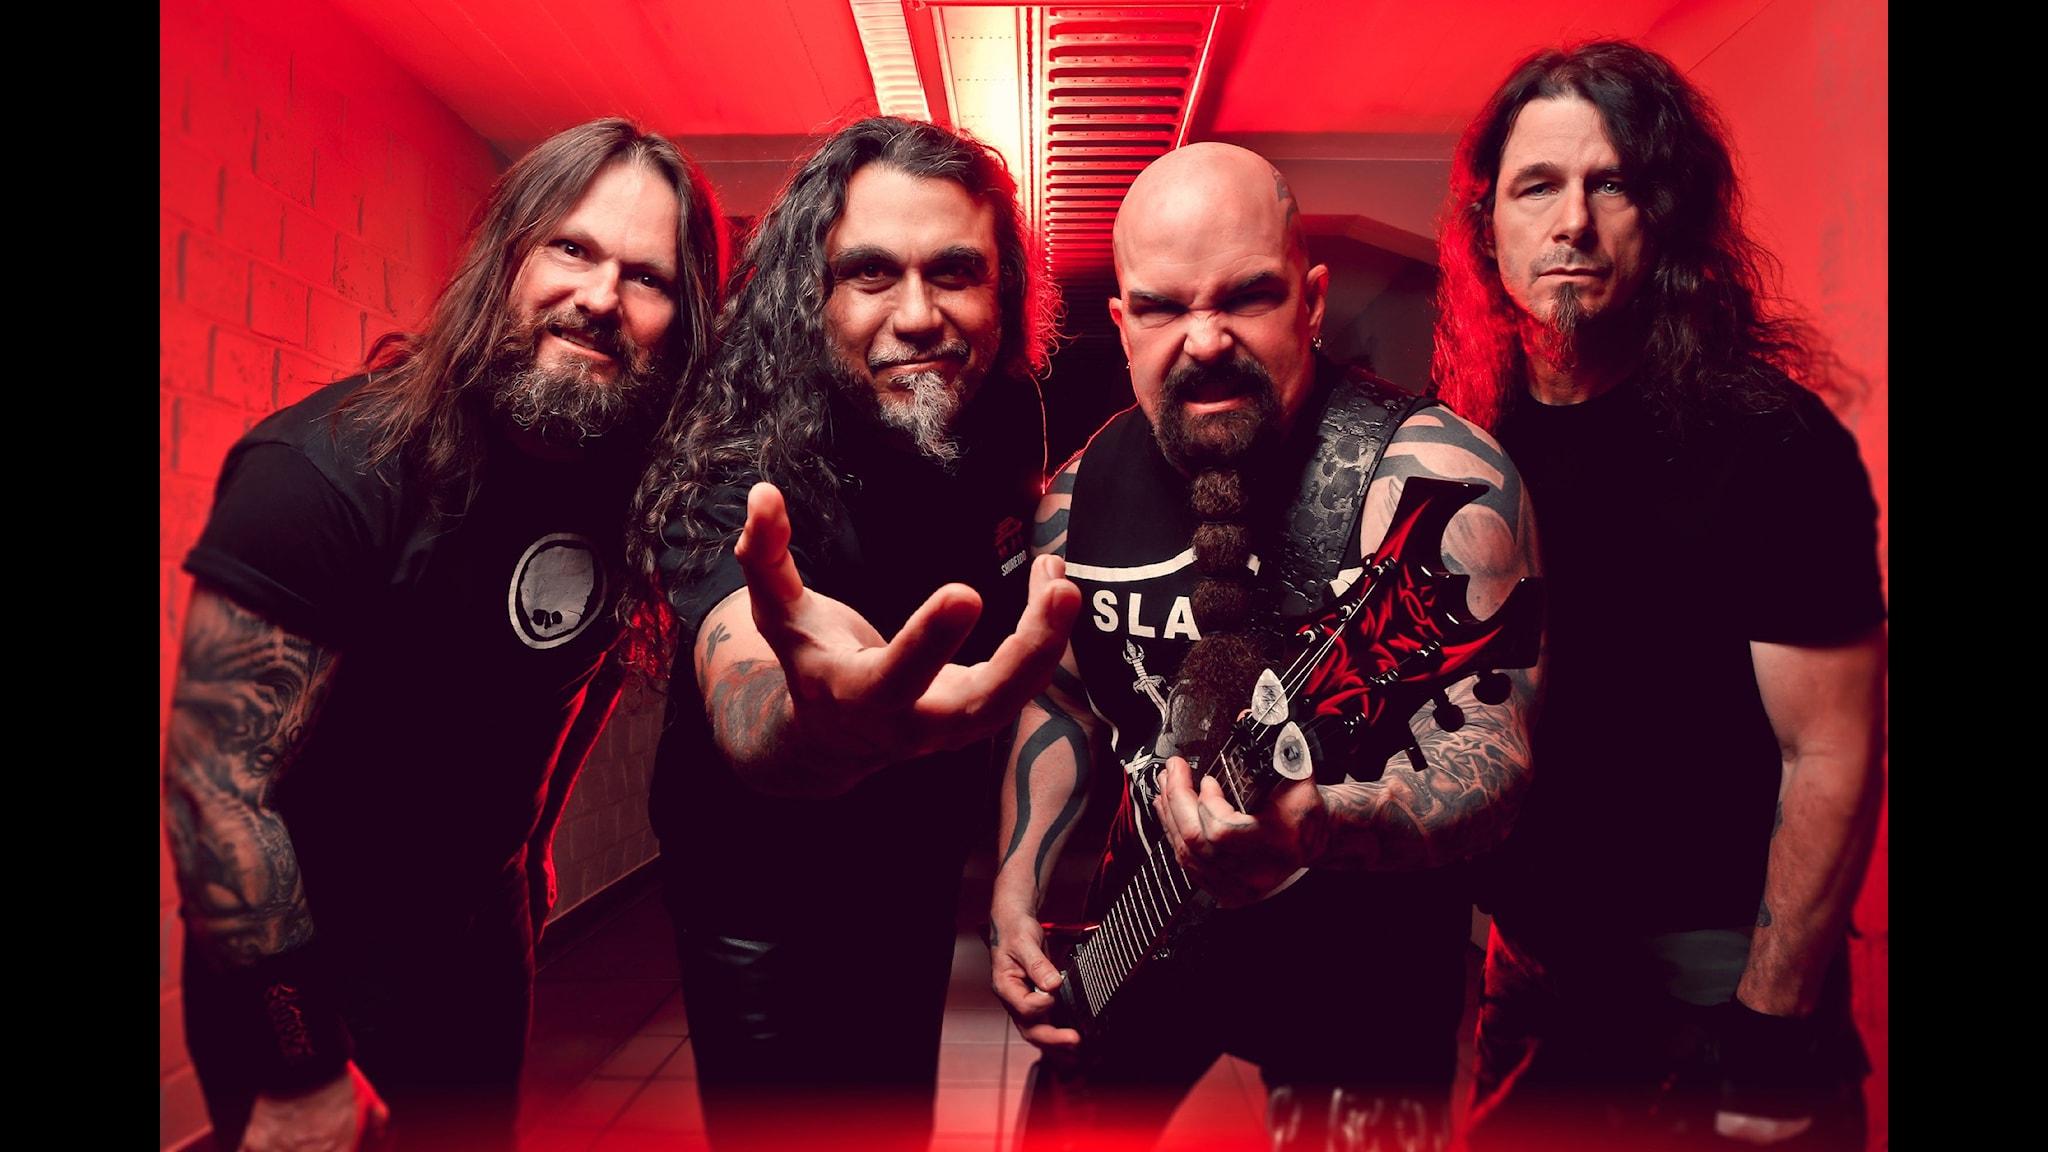 Intervju med Slayer, hyllning till Jimi Hendrix